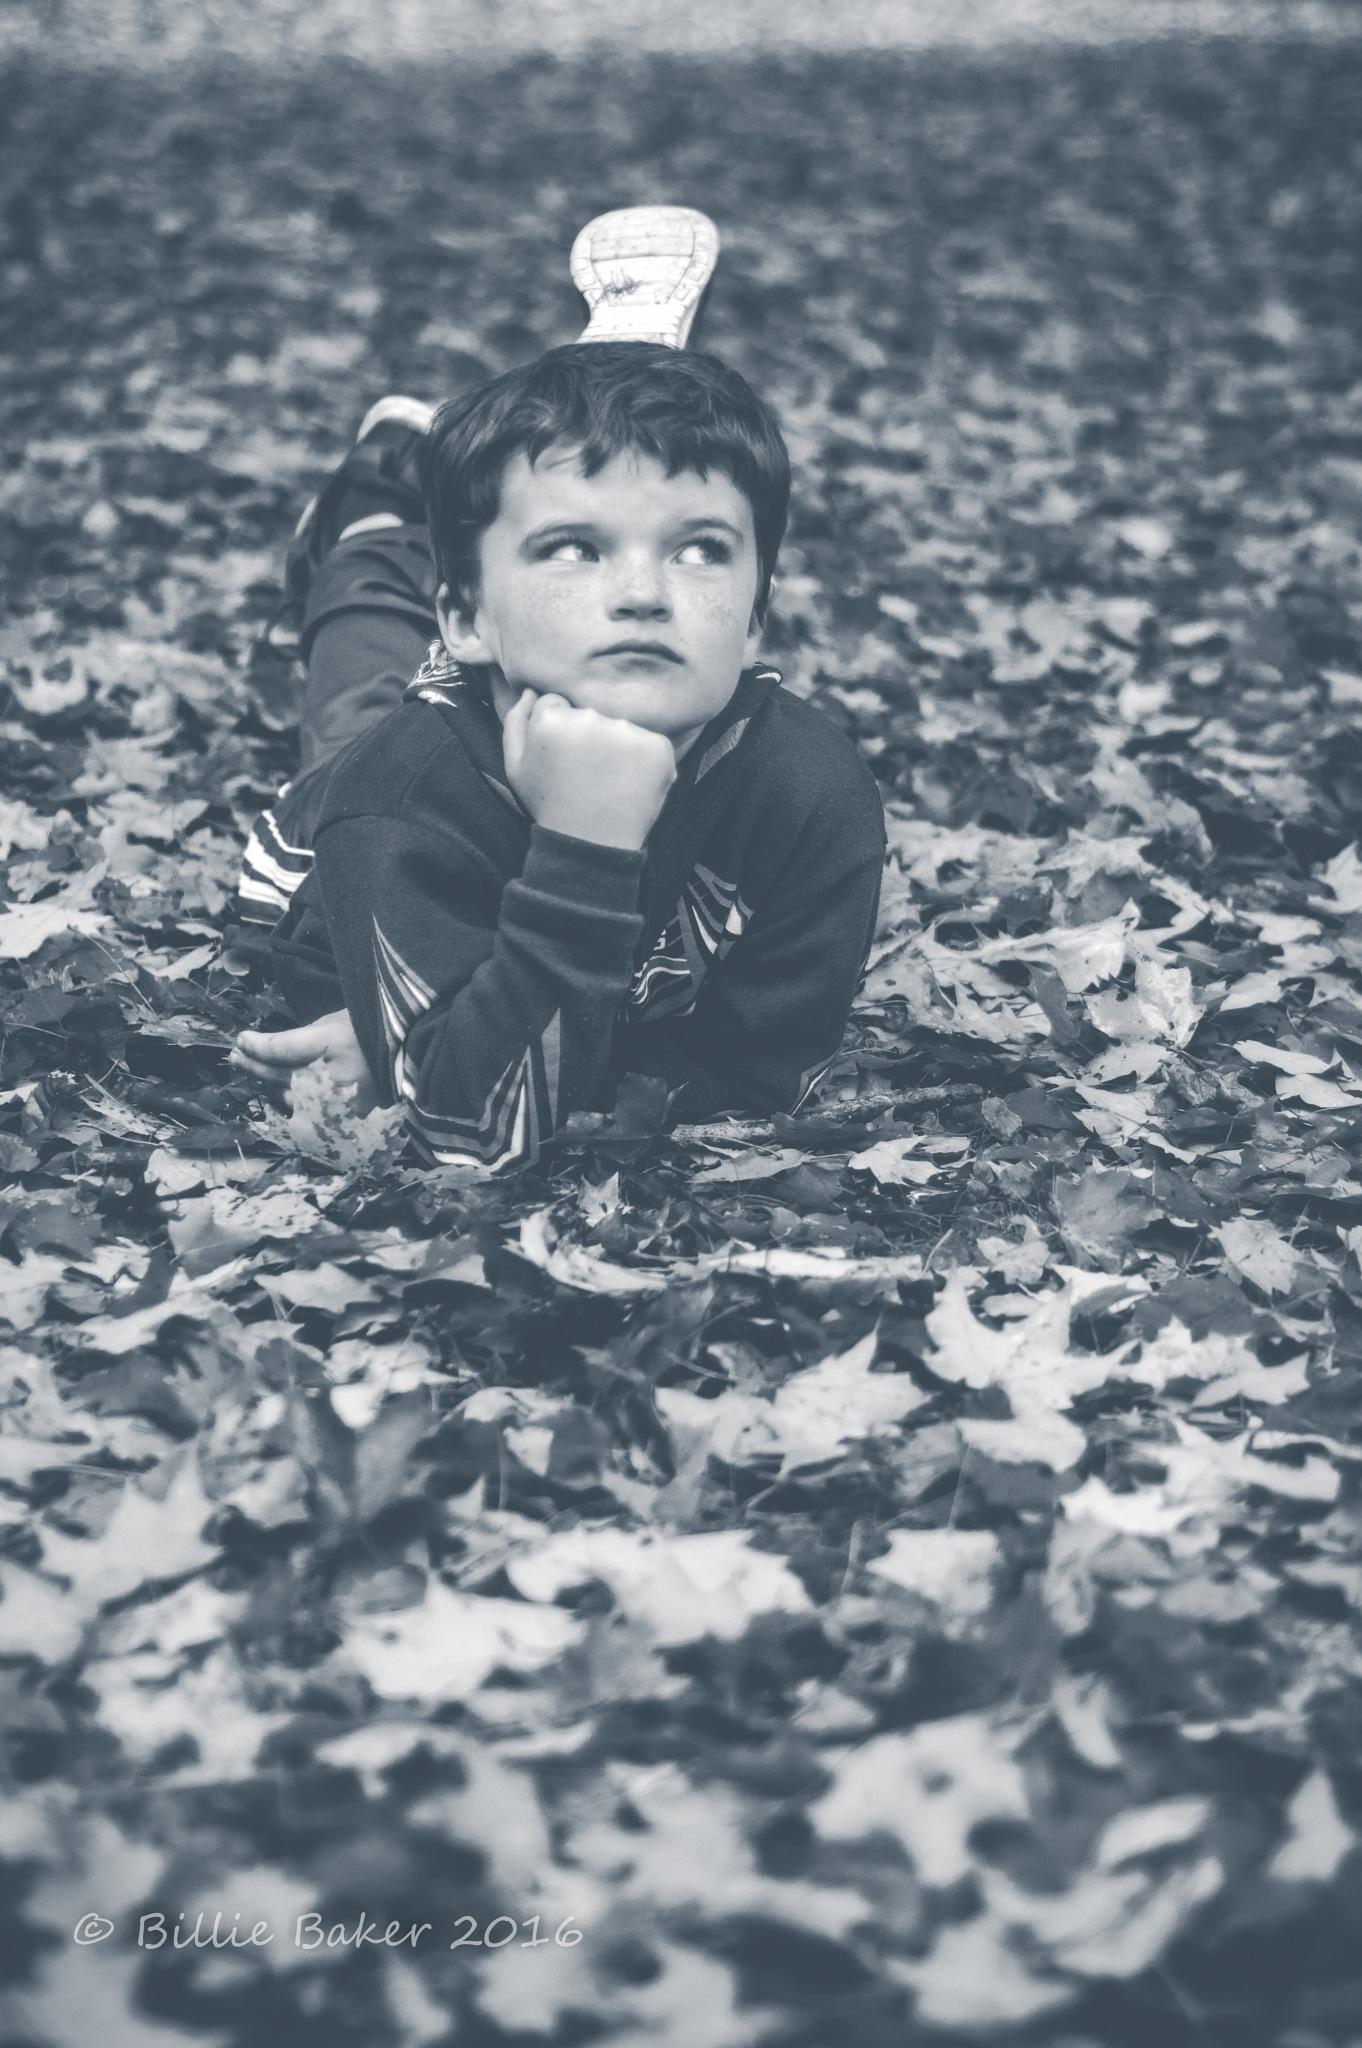 My Lil Man by Billie Jo Baker